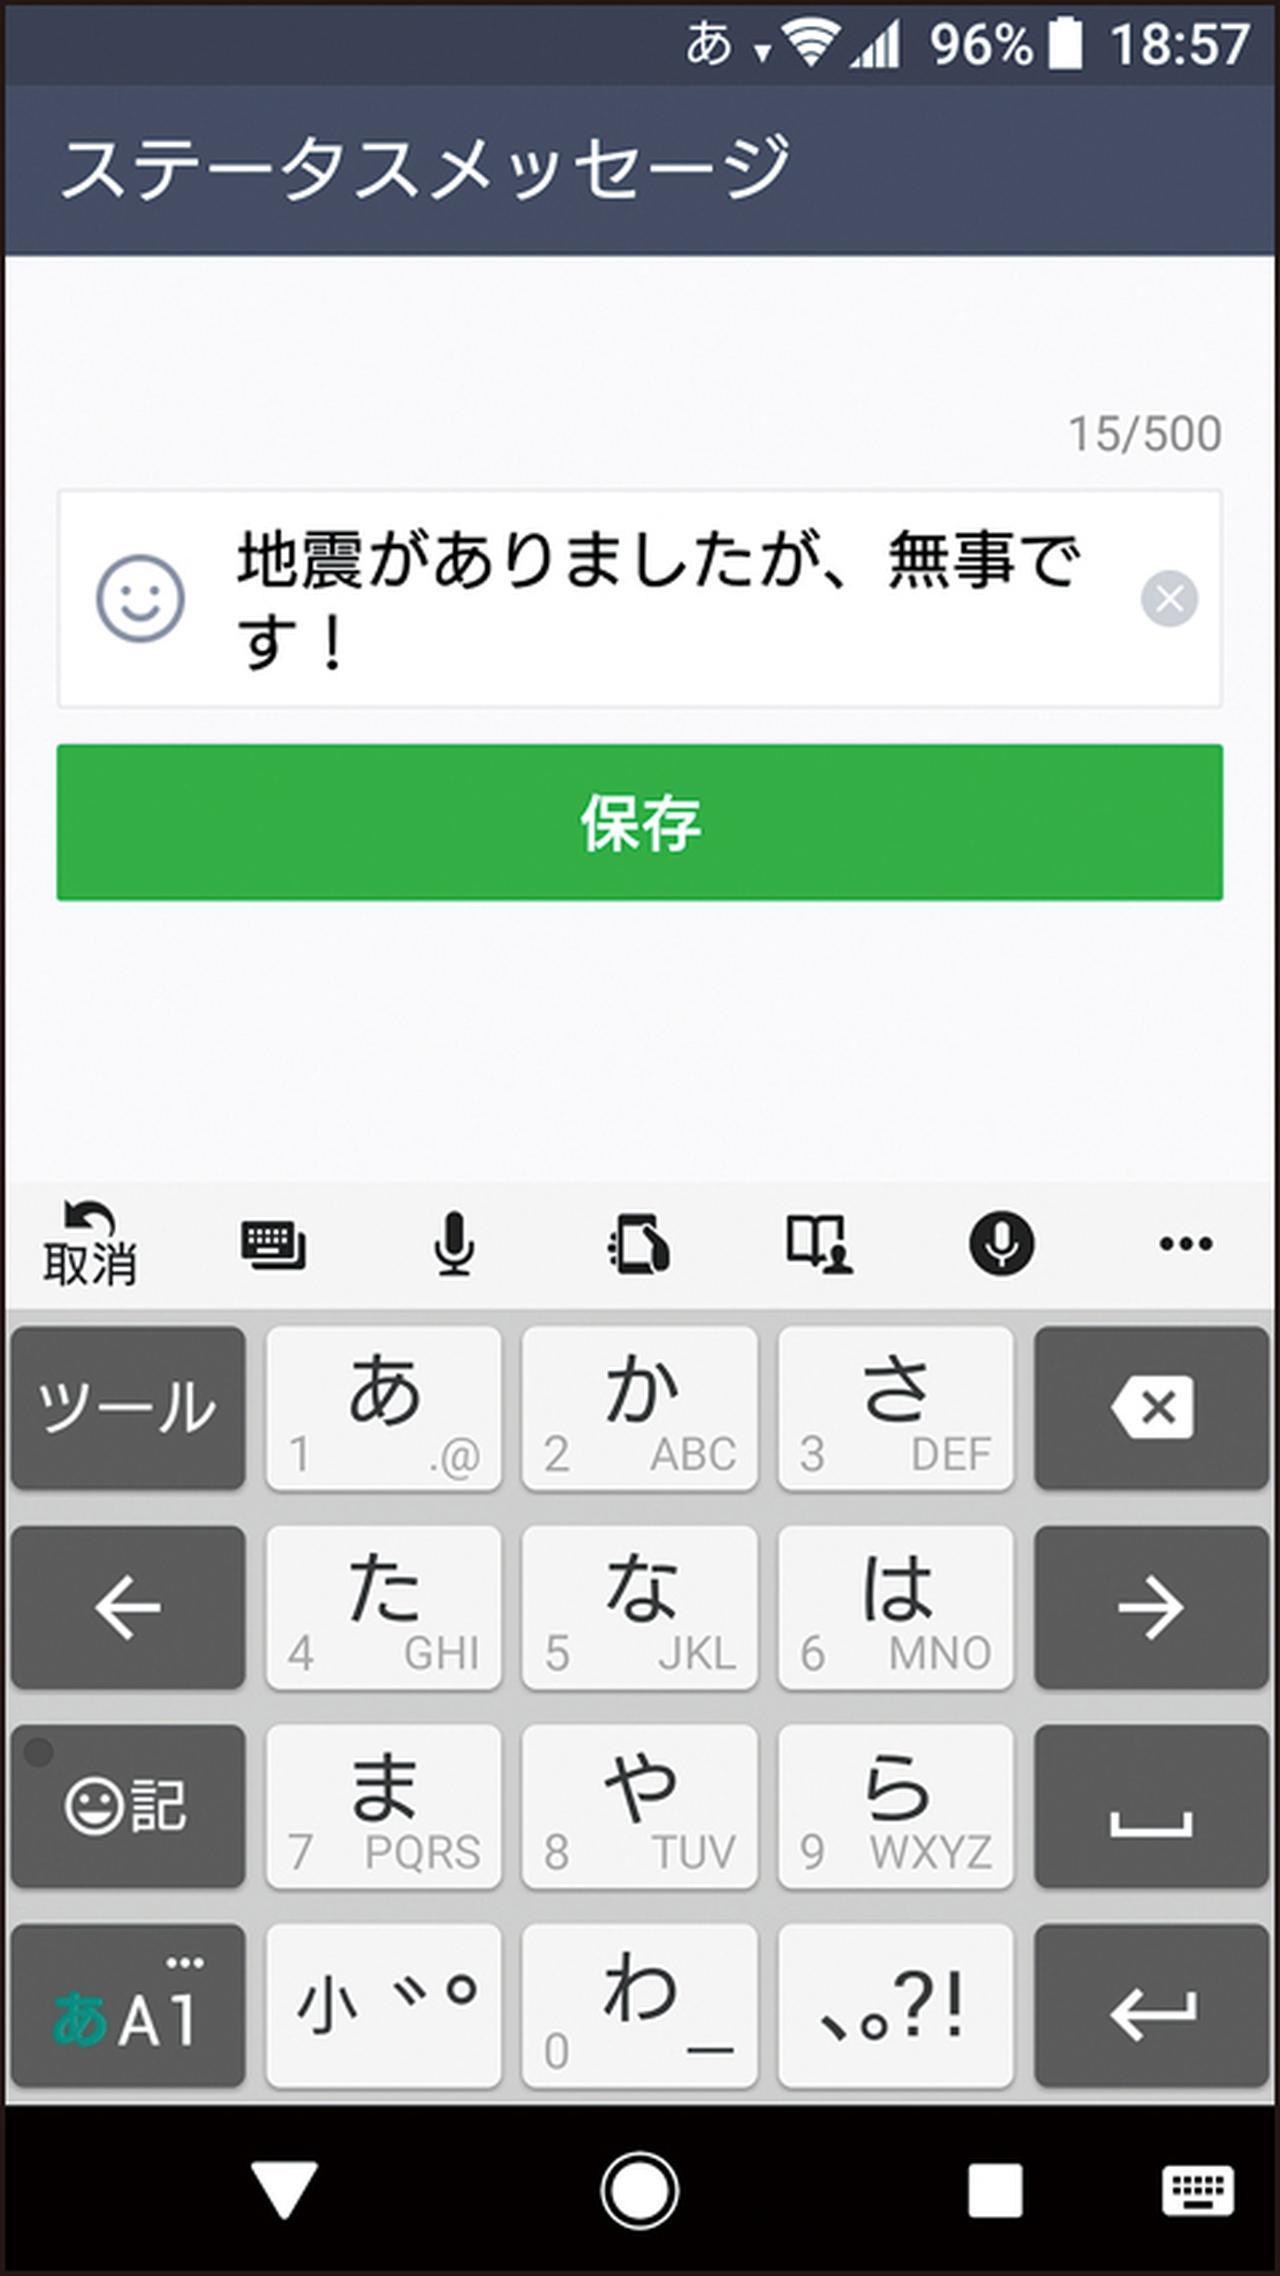 画像: 被災時には、「プロフィール」の「ステータスメッセージ」に自身の安否情報を入力するのも得策だ。